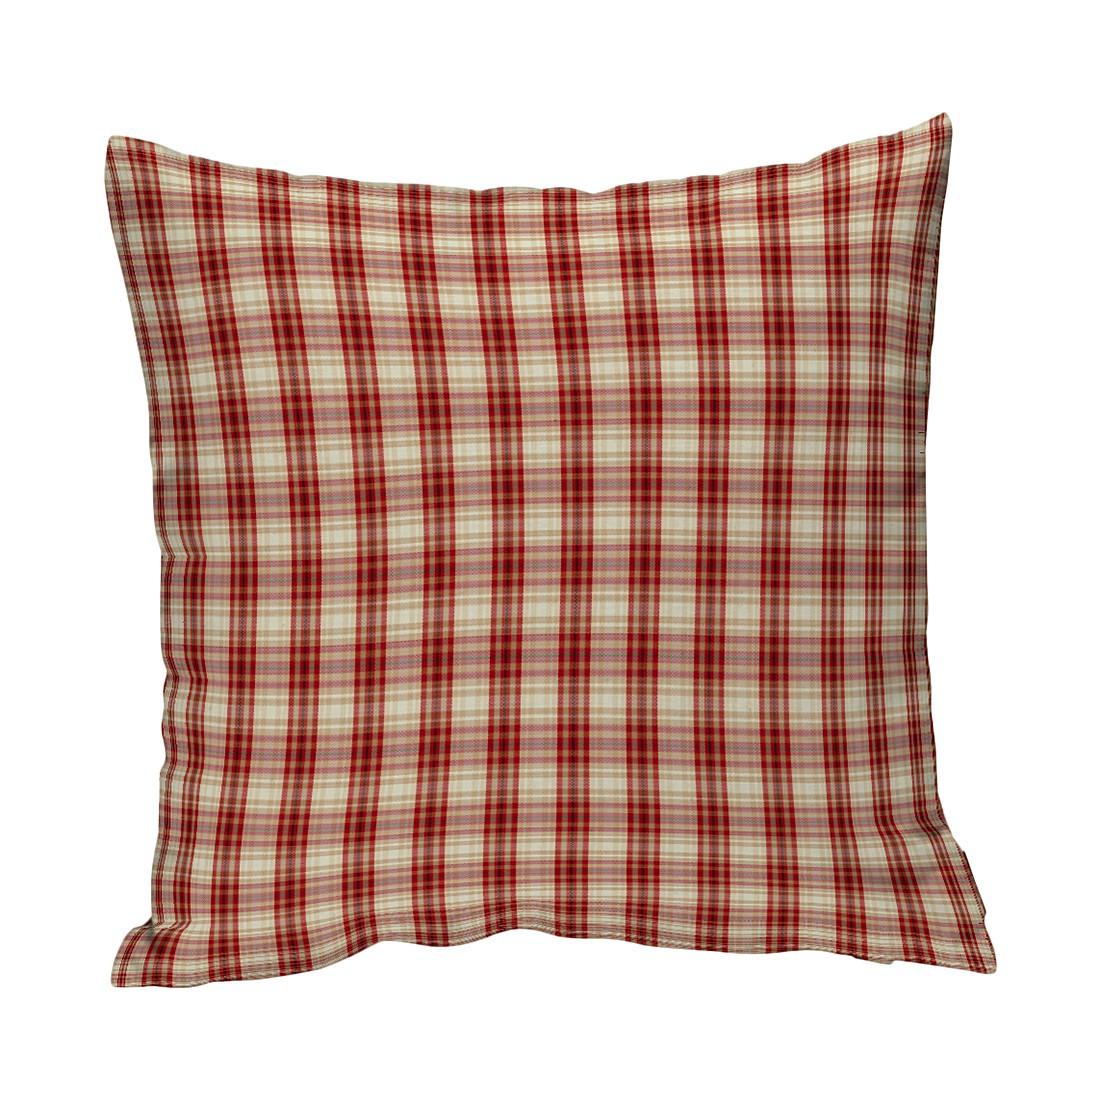 Kissenhülle – Beige/Rot Kariert – 60×60 cm, Dekoria online kaufen